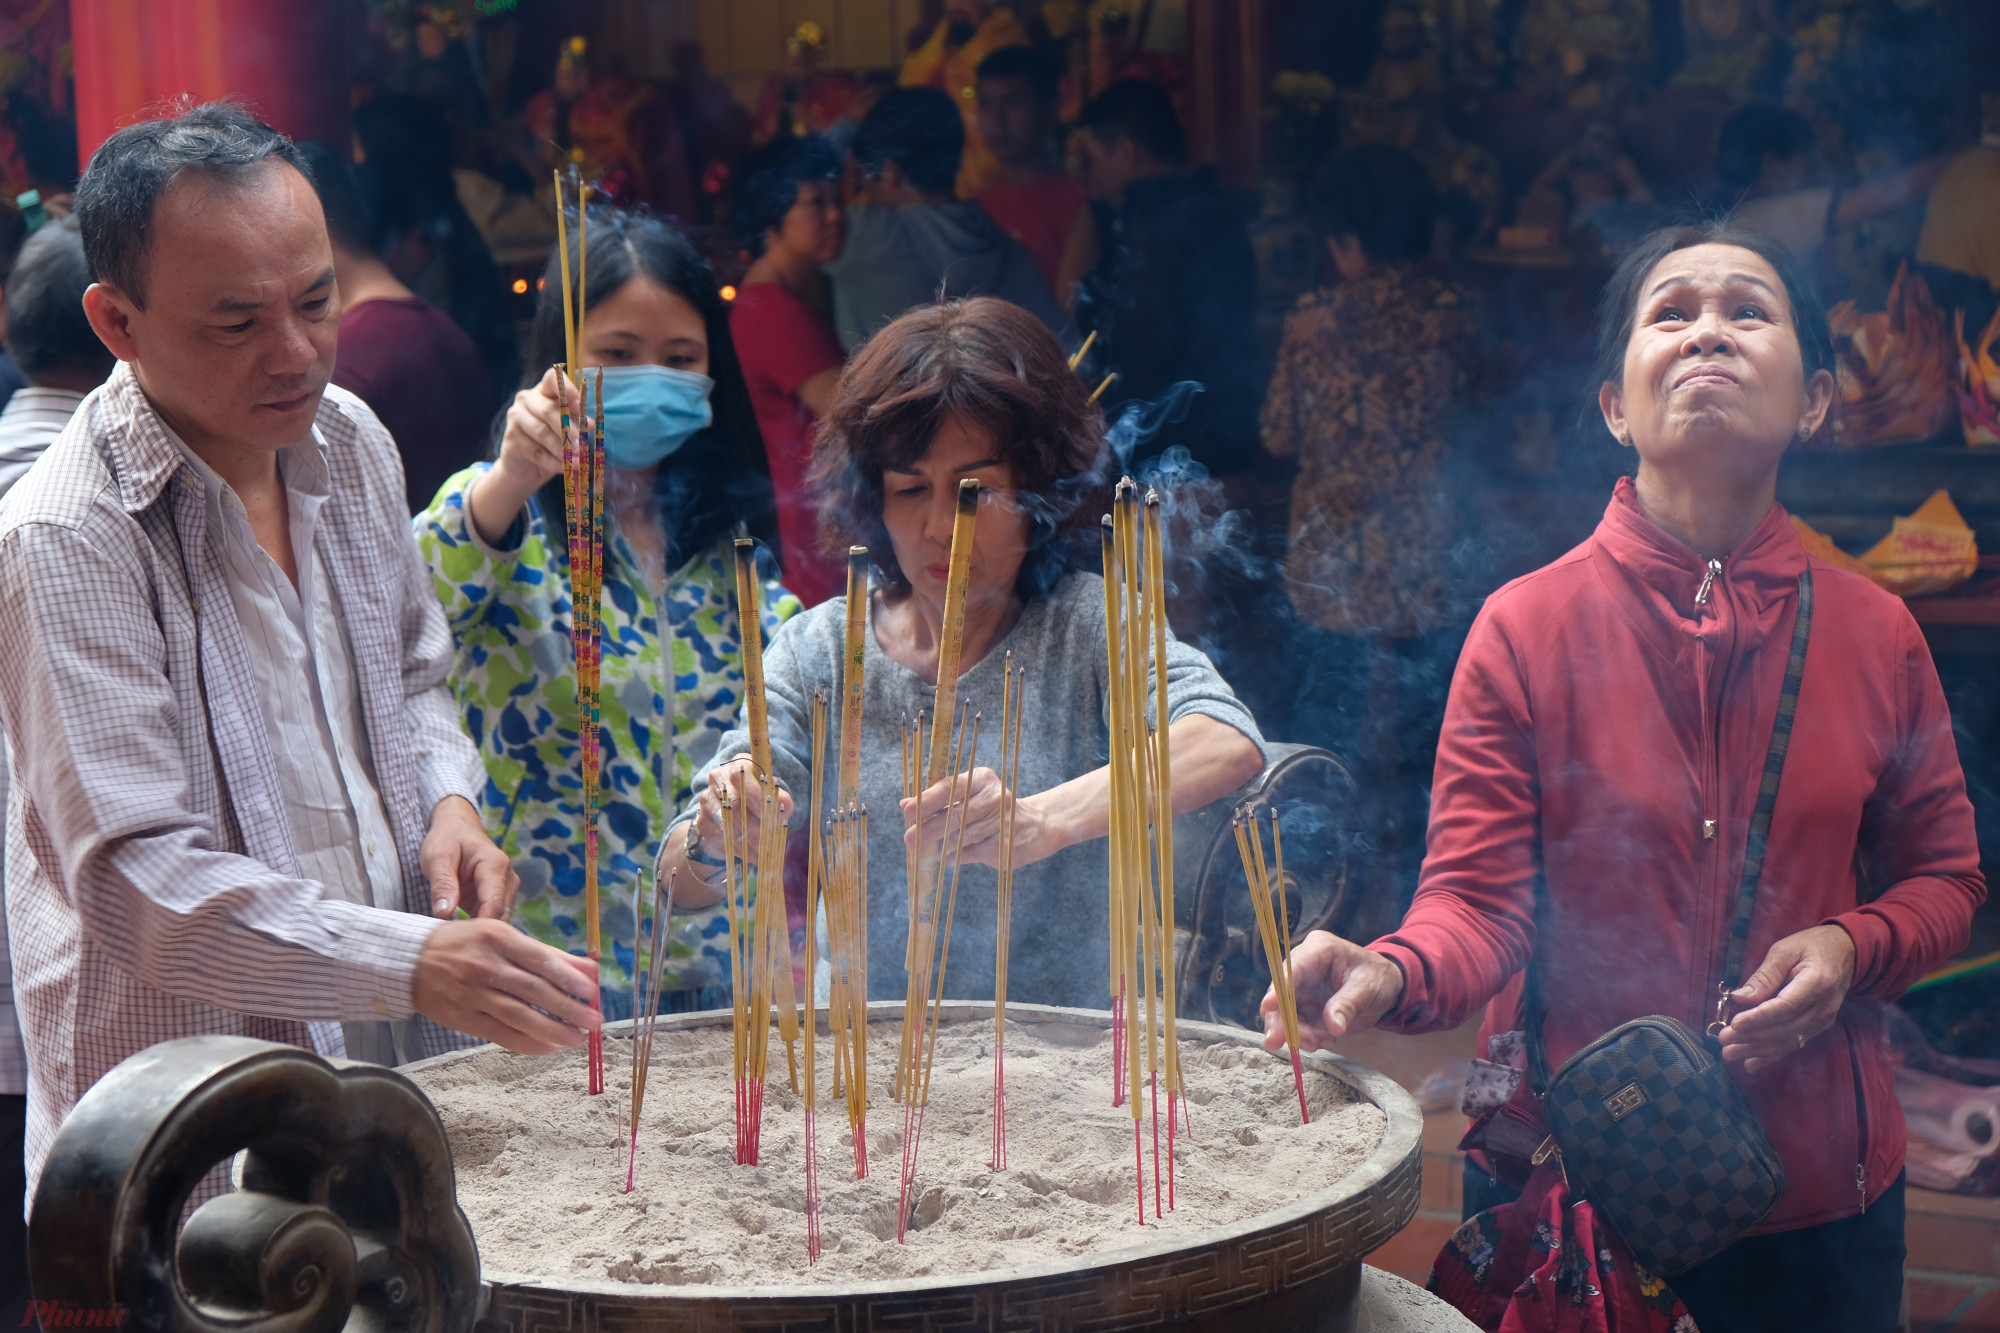 Người Hoa thường đi chùa cầu an, cầu phúc vào dịp Tết nguyên tiêu - Ảnh: Đậu Dung